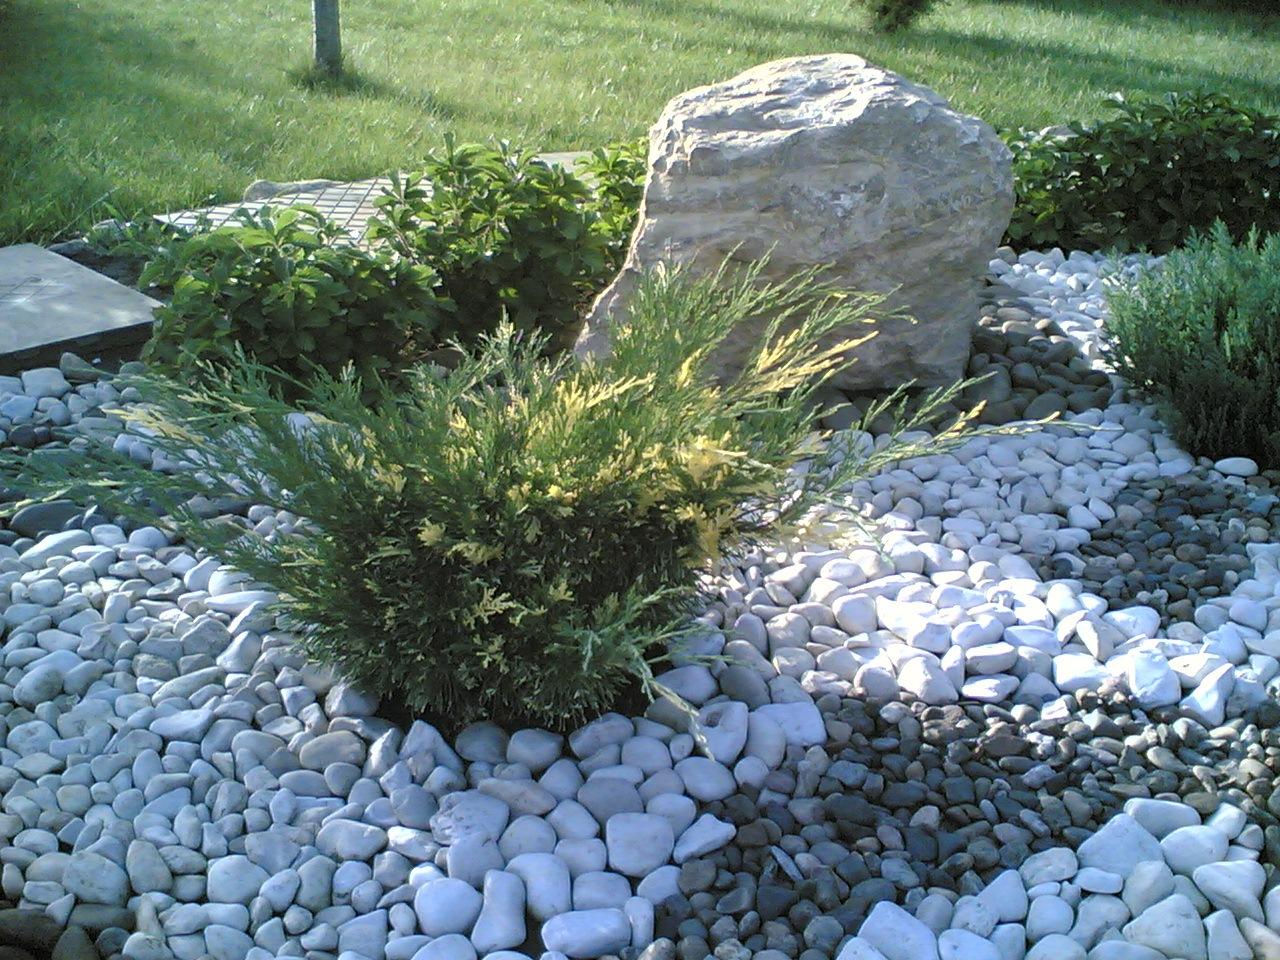 Поделки из камня дикого и булыжника в курортных местах фото 19